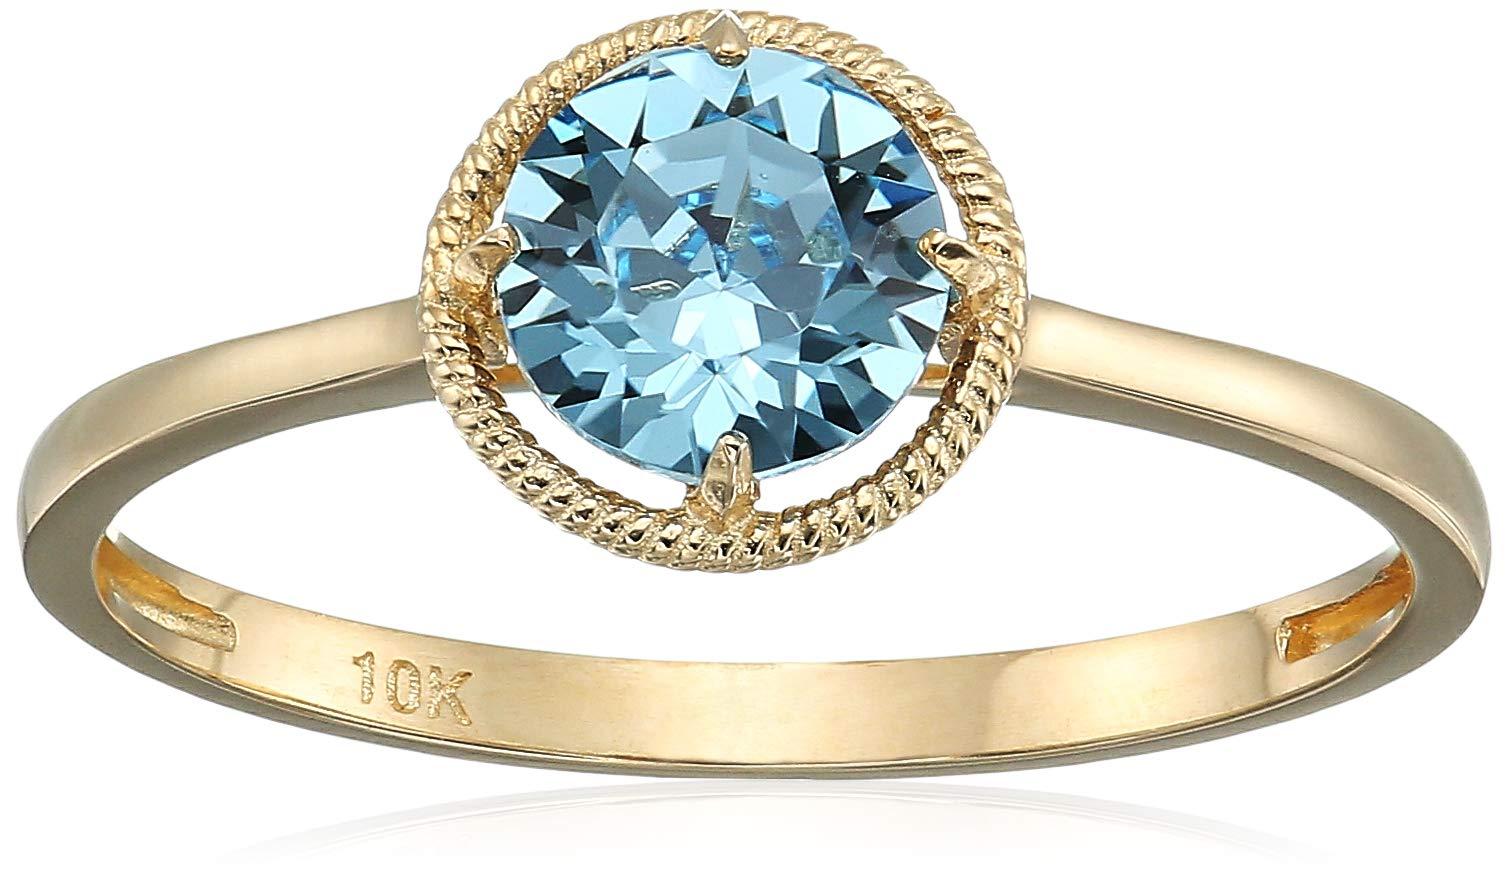 10k Gold Swarovski Crystal January Birthstone Ring, Size 8